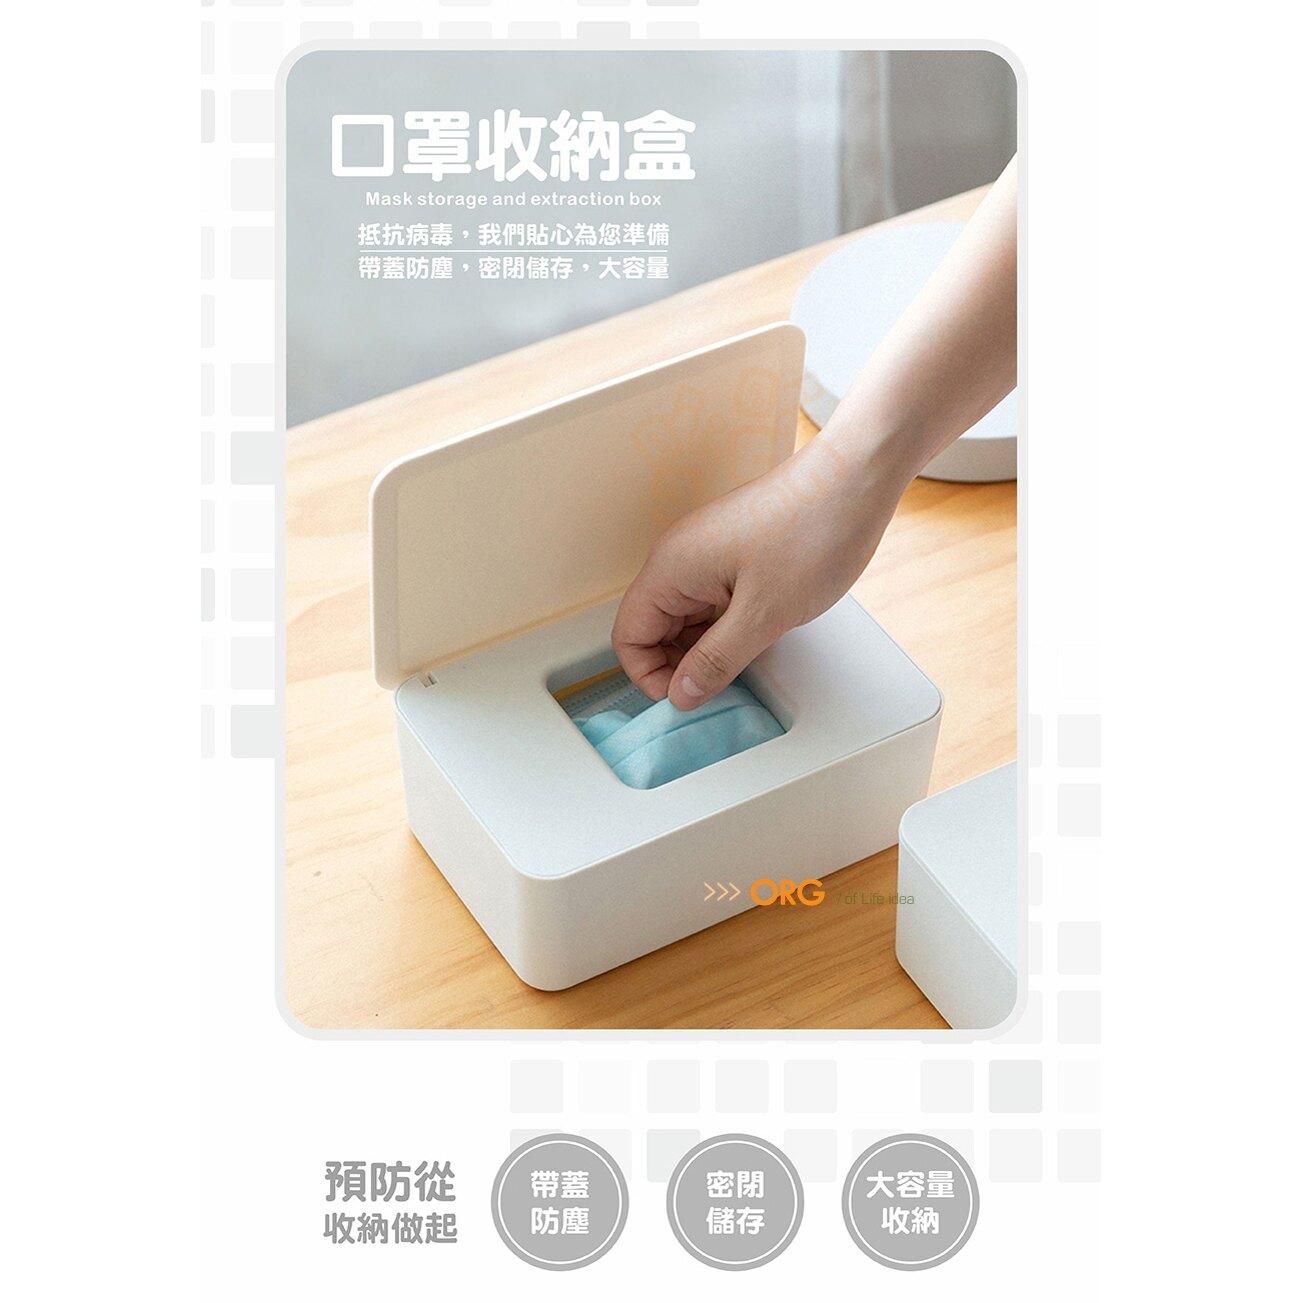 ORG《SD2520》帶蓋 口罩盒 口罩收納盒 口罩收納抽取盒 口罩抽取 濕紙巾 收納盒 紙巾盒 面紙盒 防塵口罩收納盒